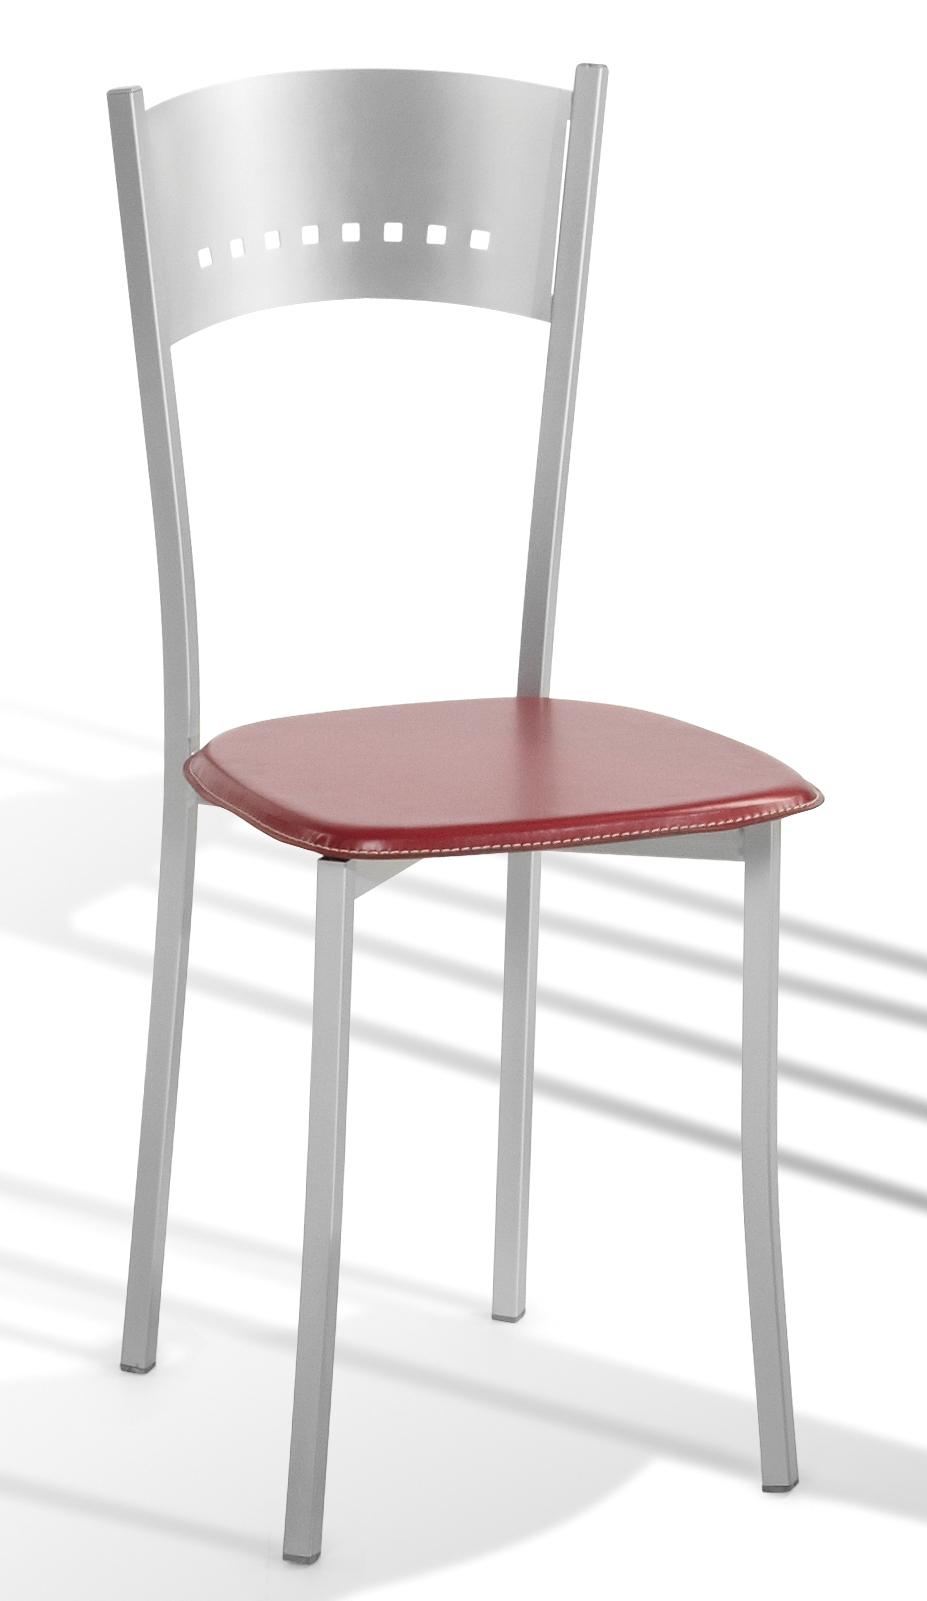 Mesas de cocina originales sillas de cocina modernas baratas for Sillas de cocina baratas